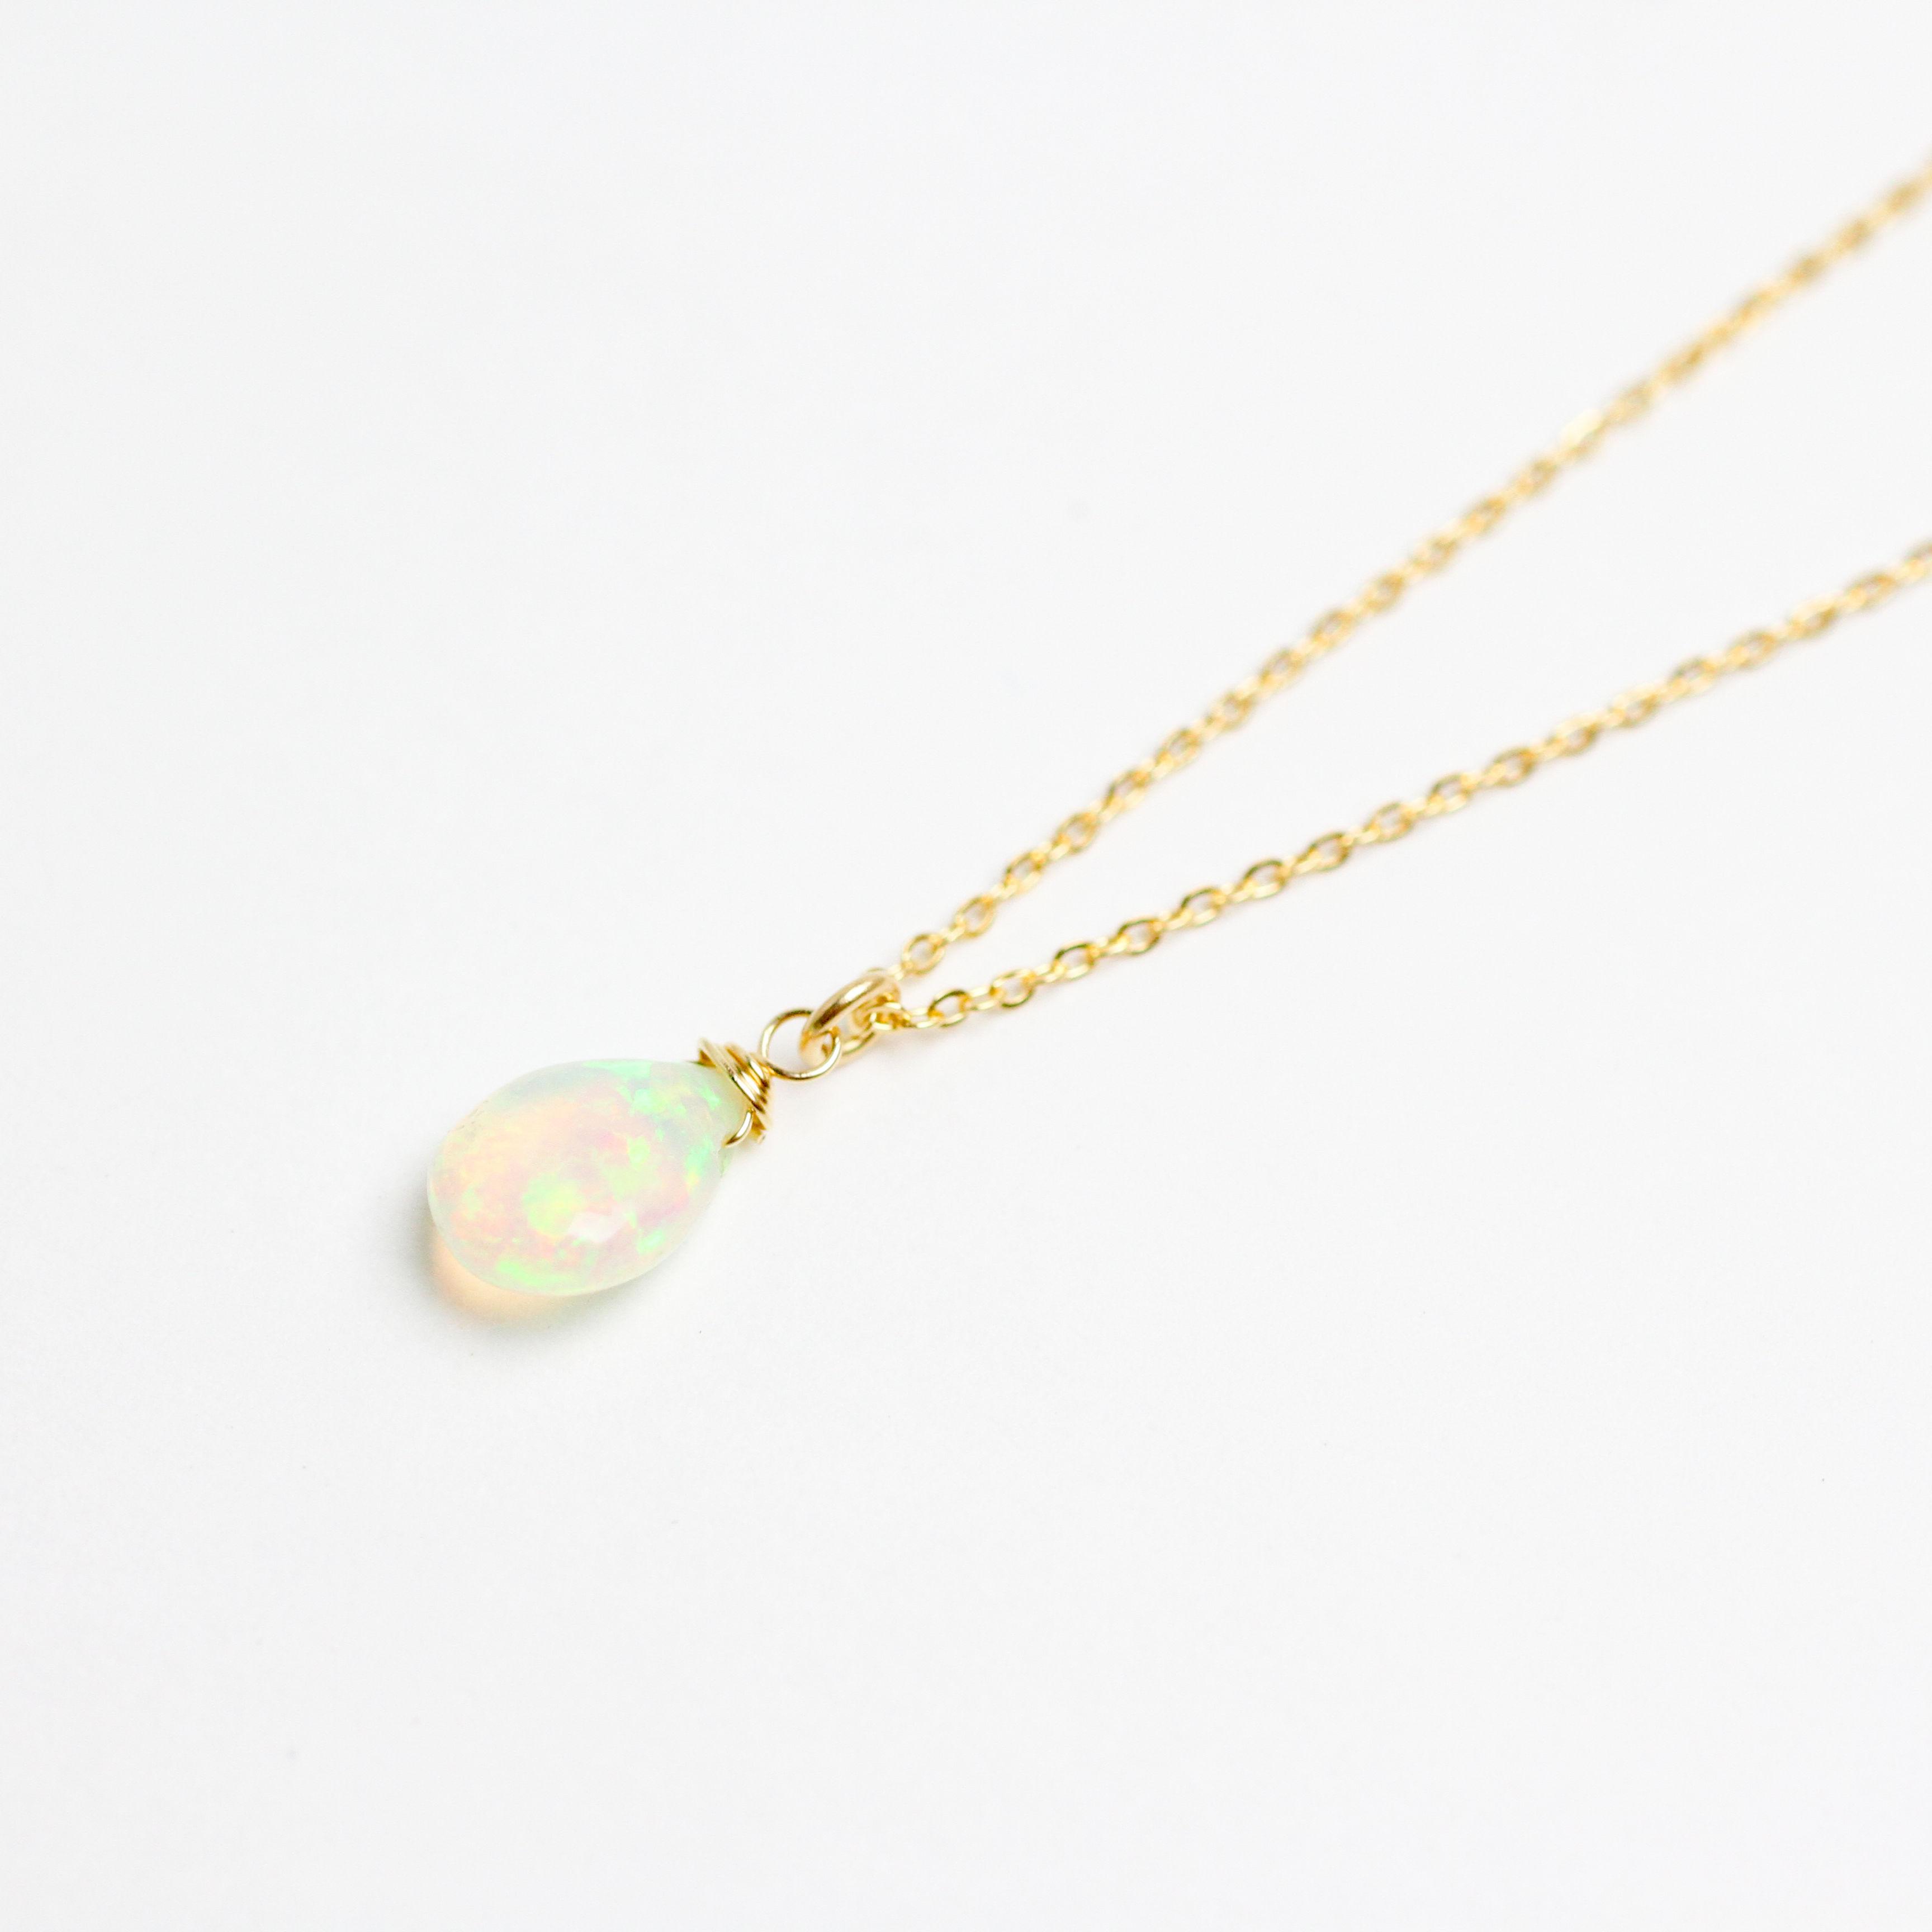 【10月の誕生石】Ethiopian Opal necklace(mn-nk-001-op)